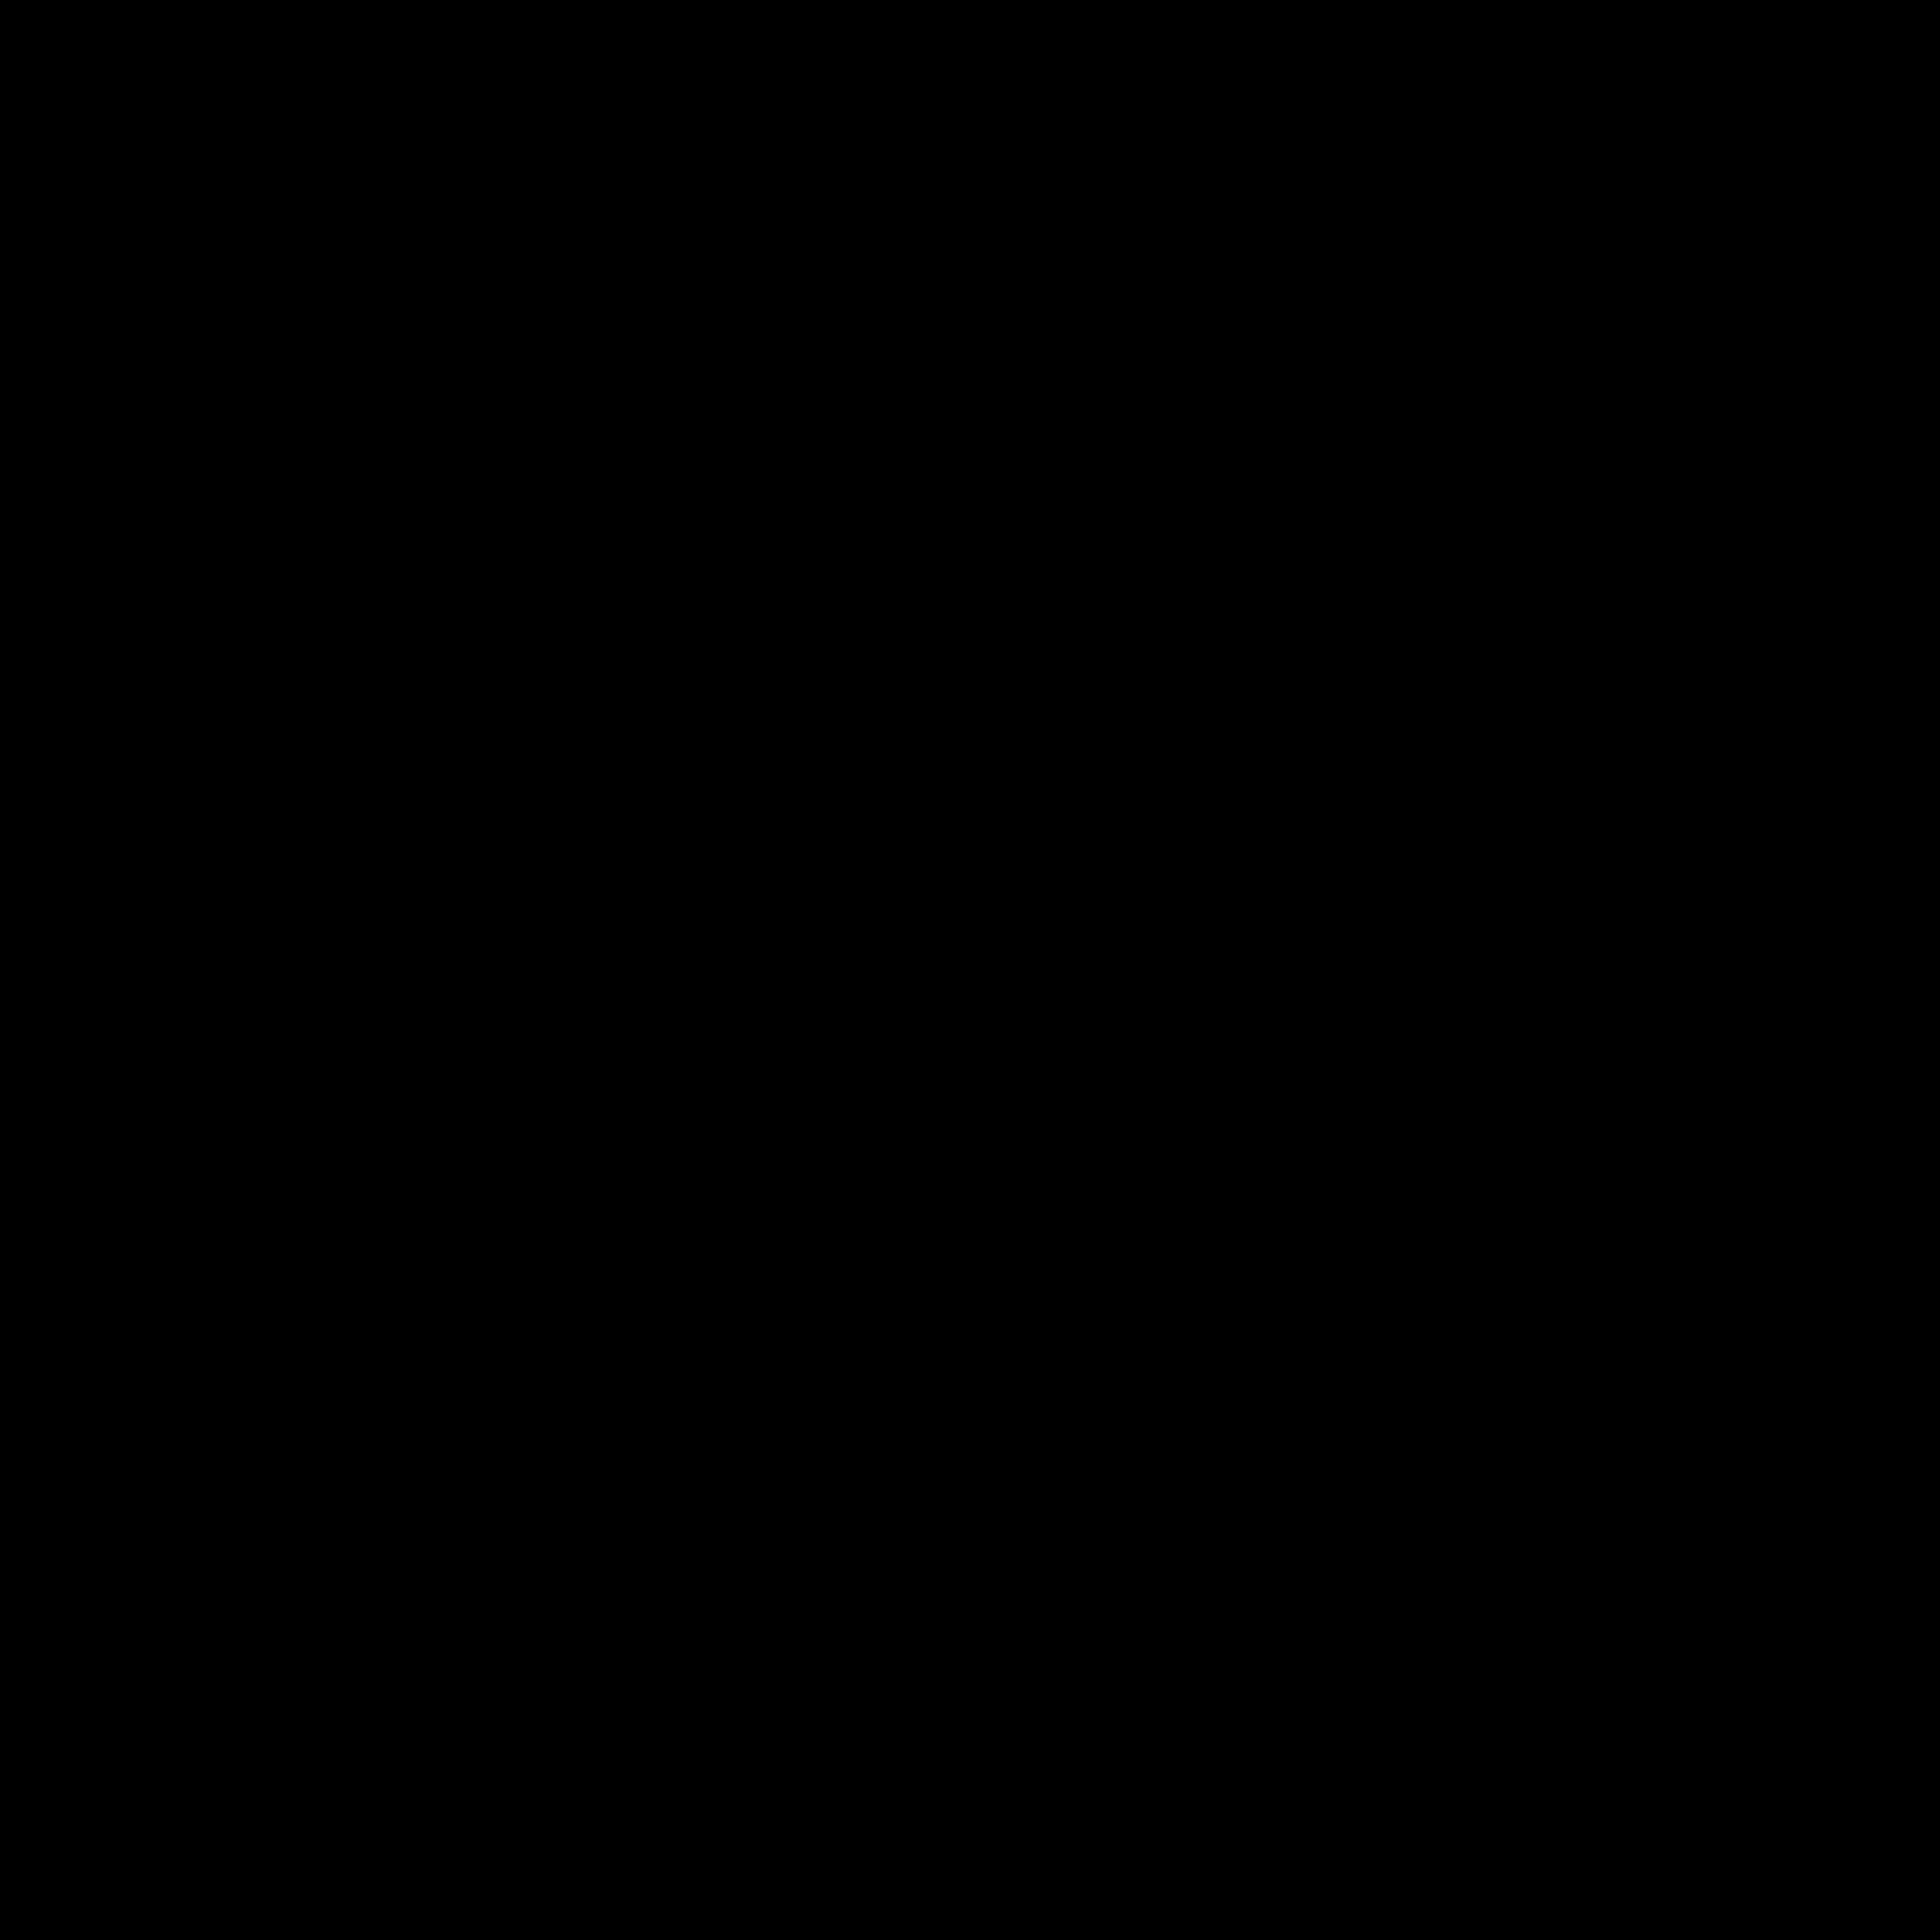 2400x2400 Police Logo Png Transparent Amp Svg Vector